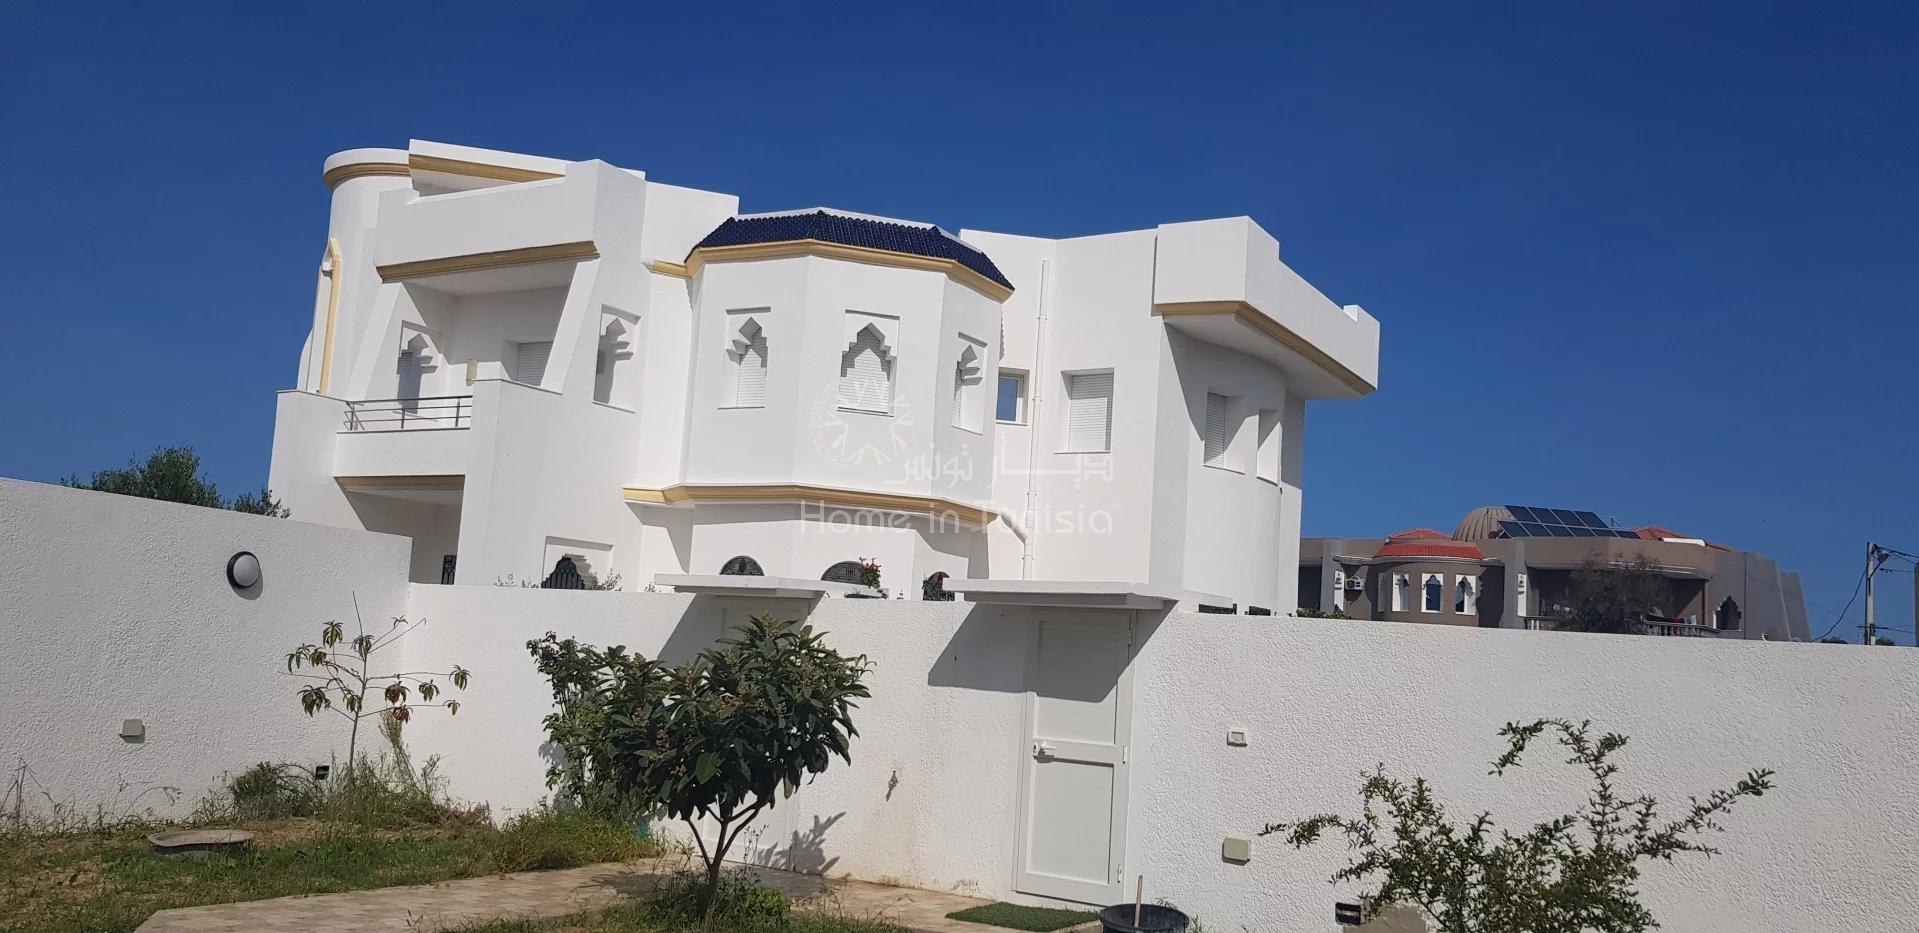 A vendre villa a sidi abdelhamid